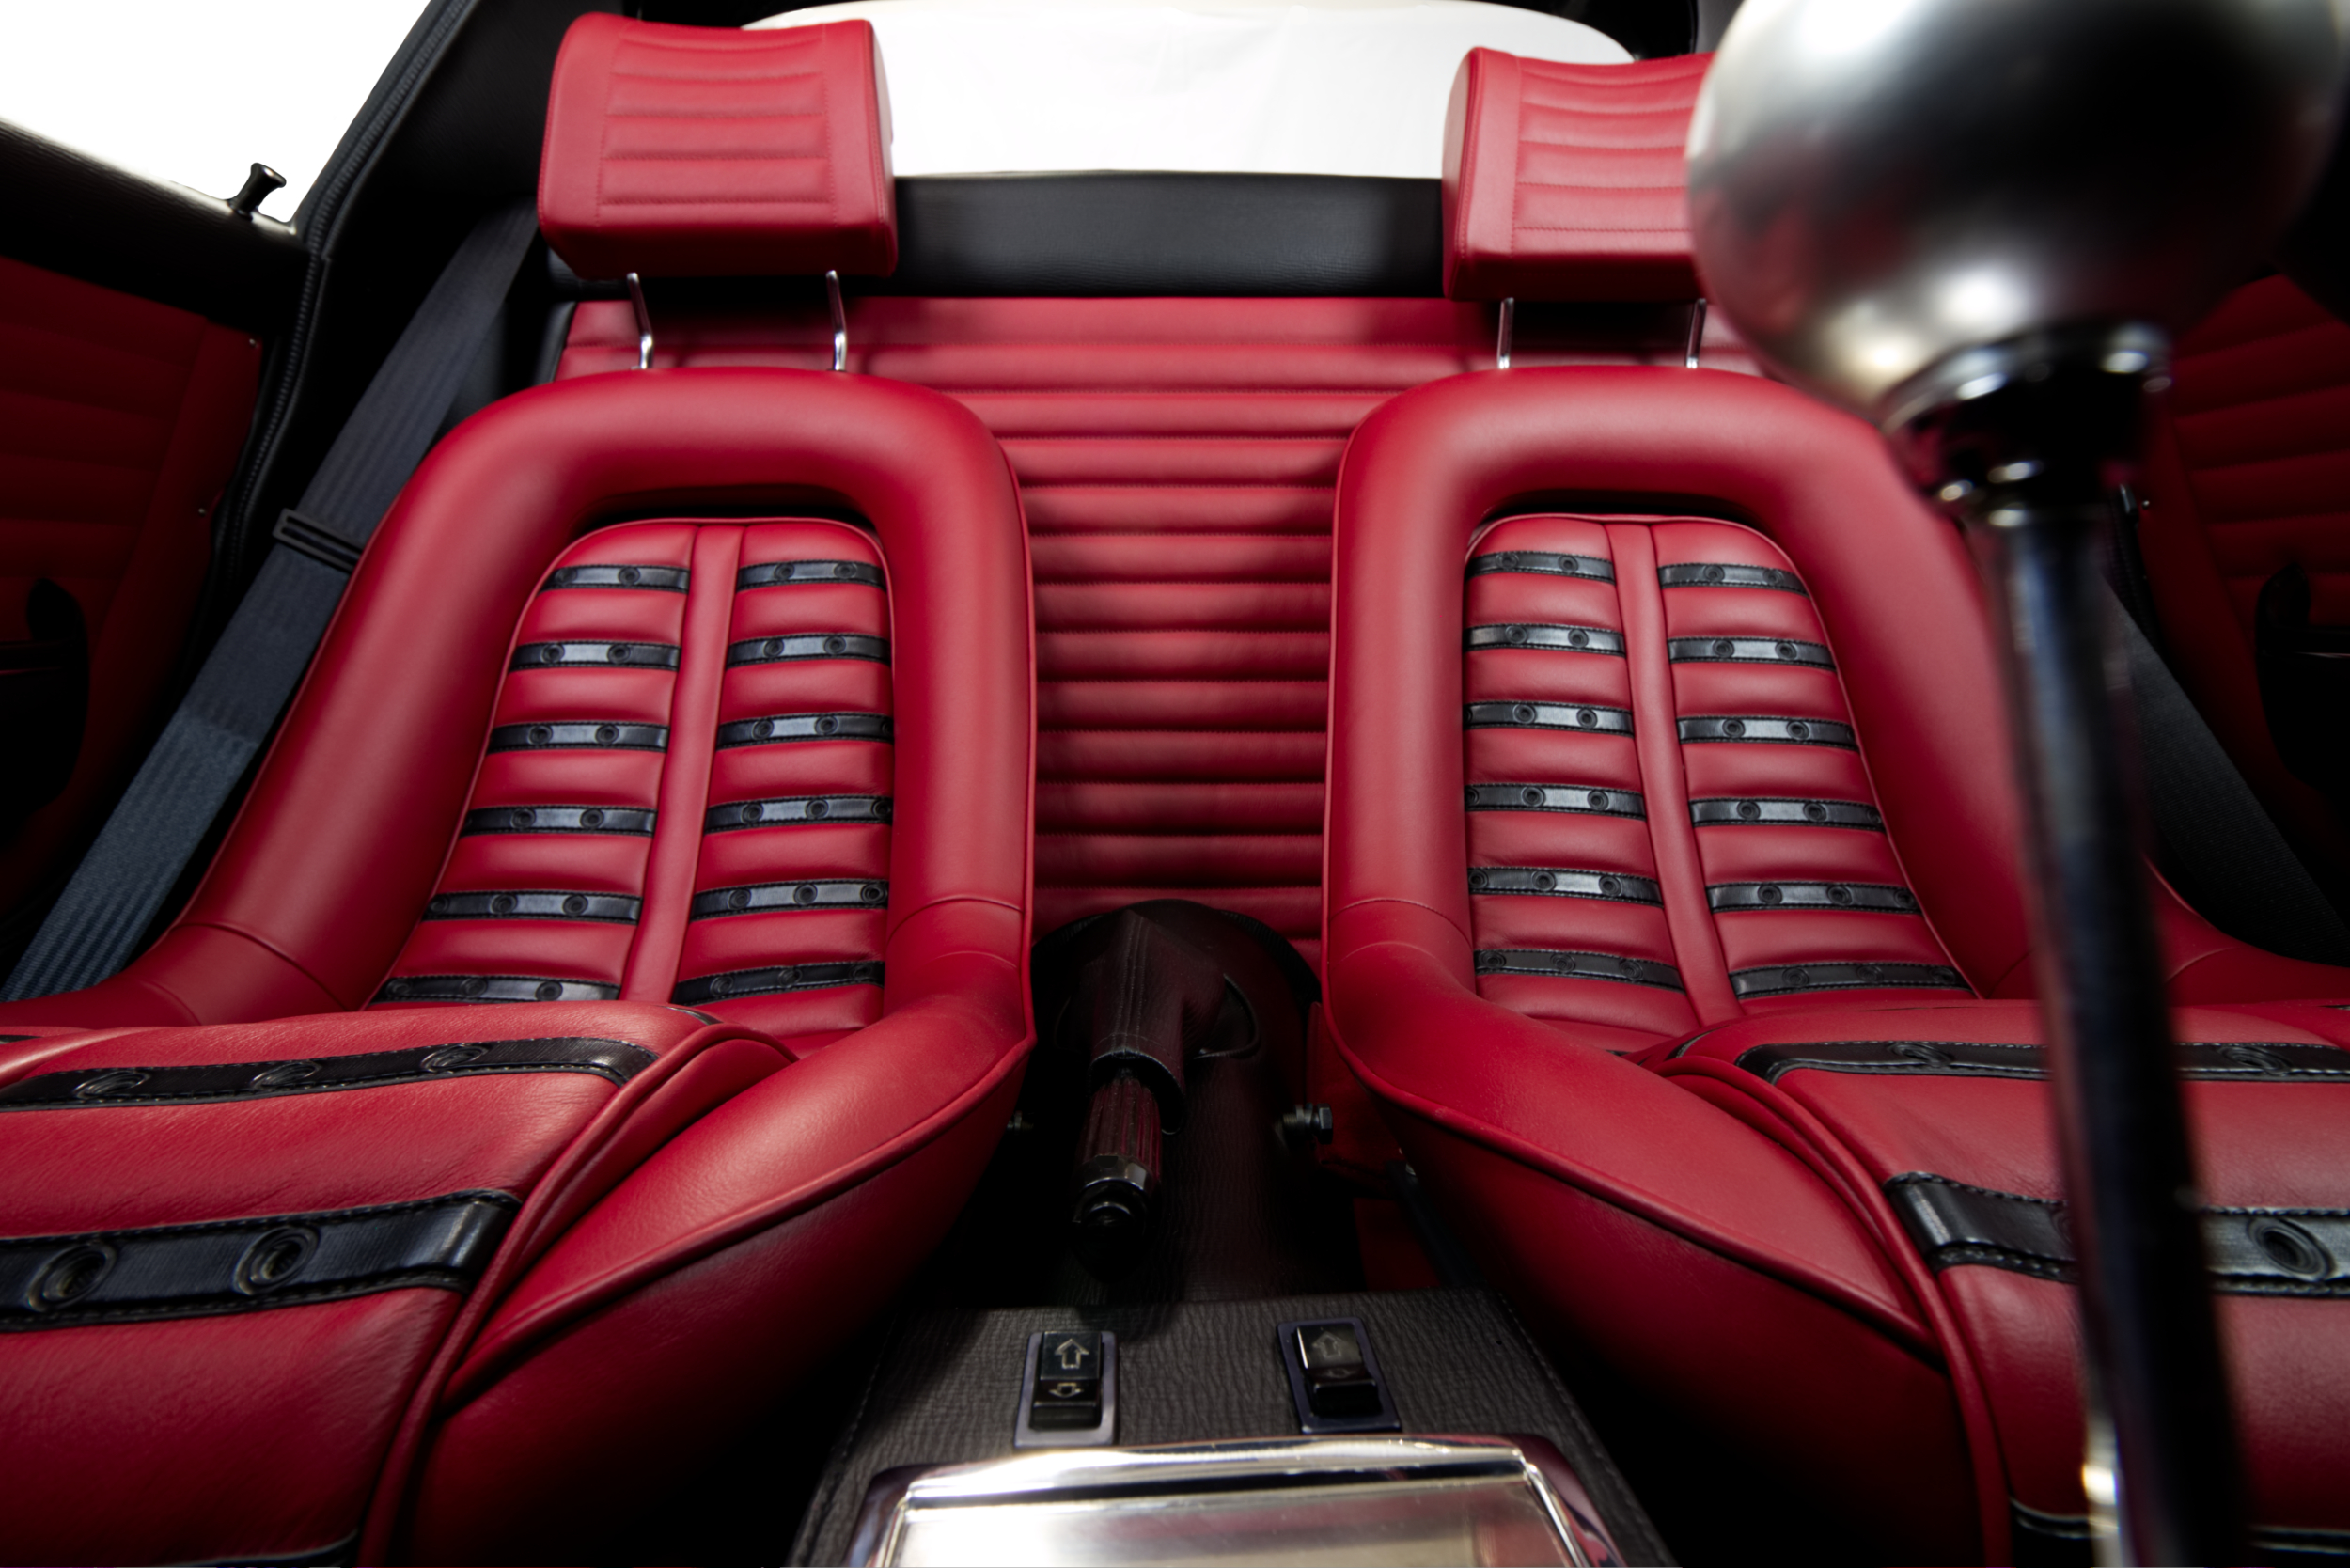 Iconic Daytona style seats.  Photo by AJ Pink.